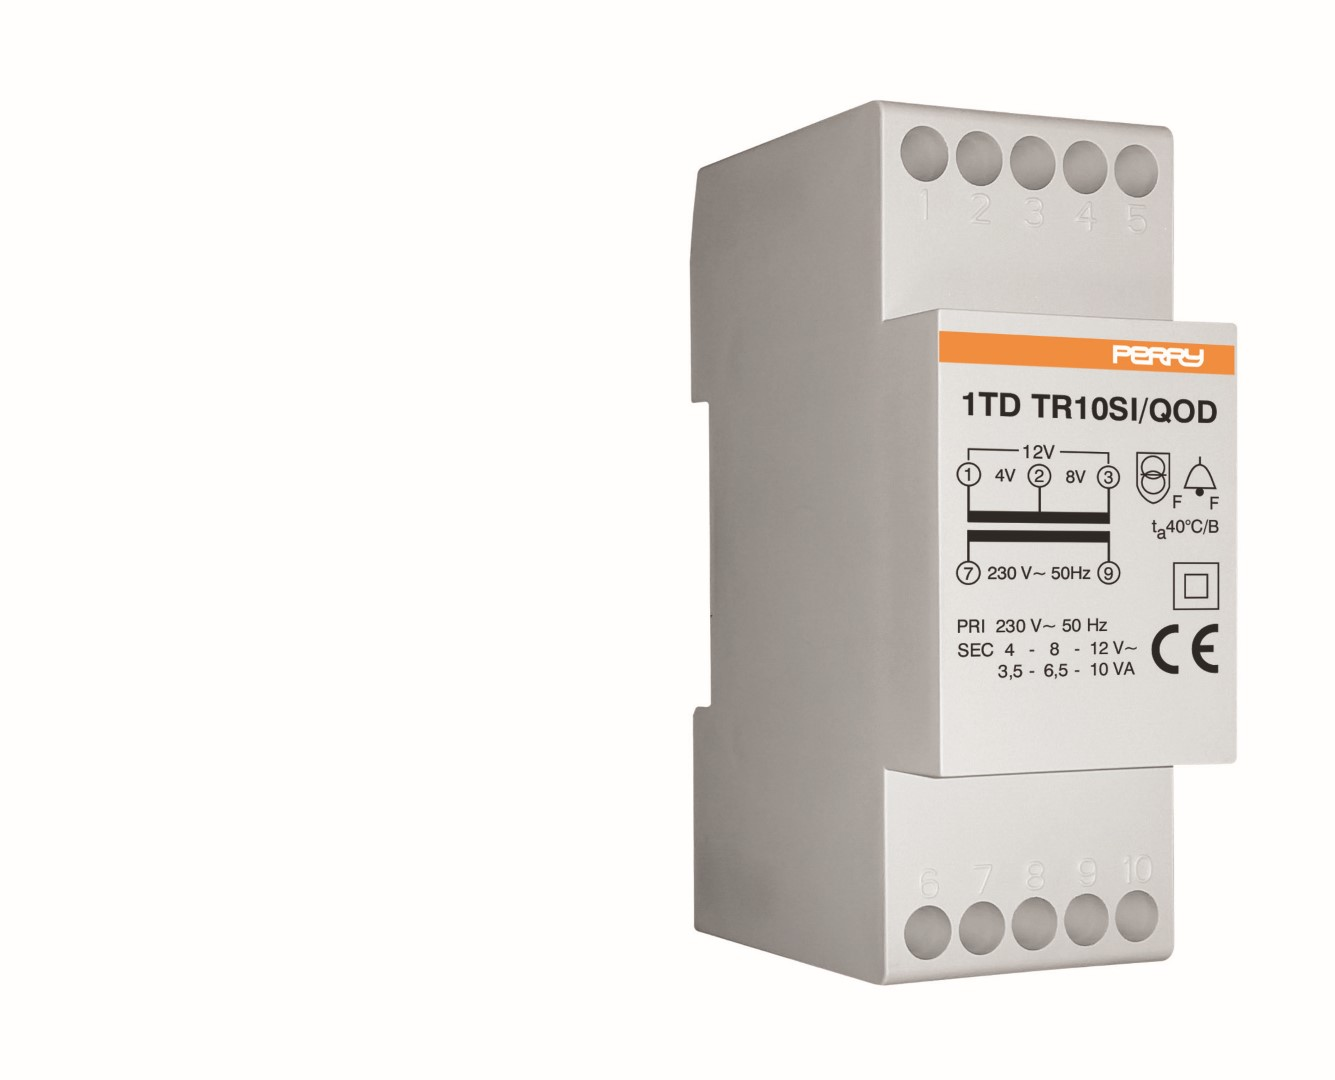 Periodisch / andauernd arbeitende Transformatoren - 1TD TR10SI/QOD